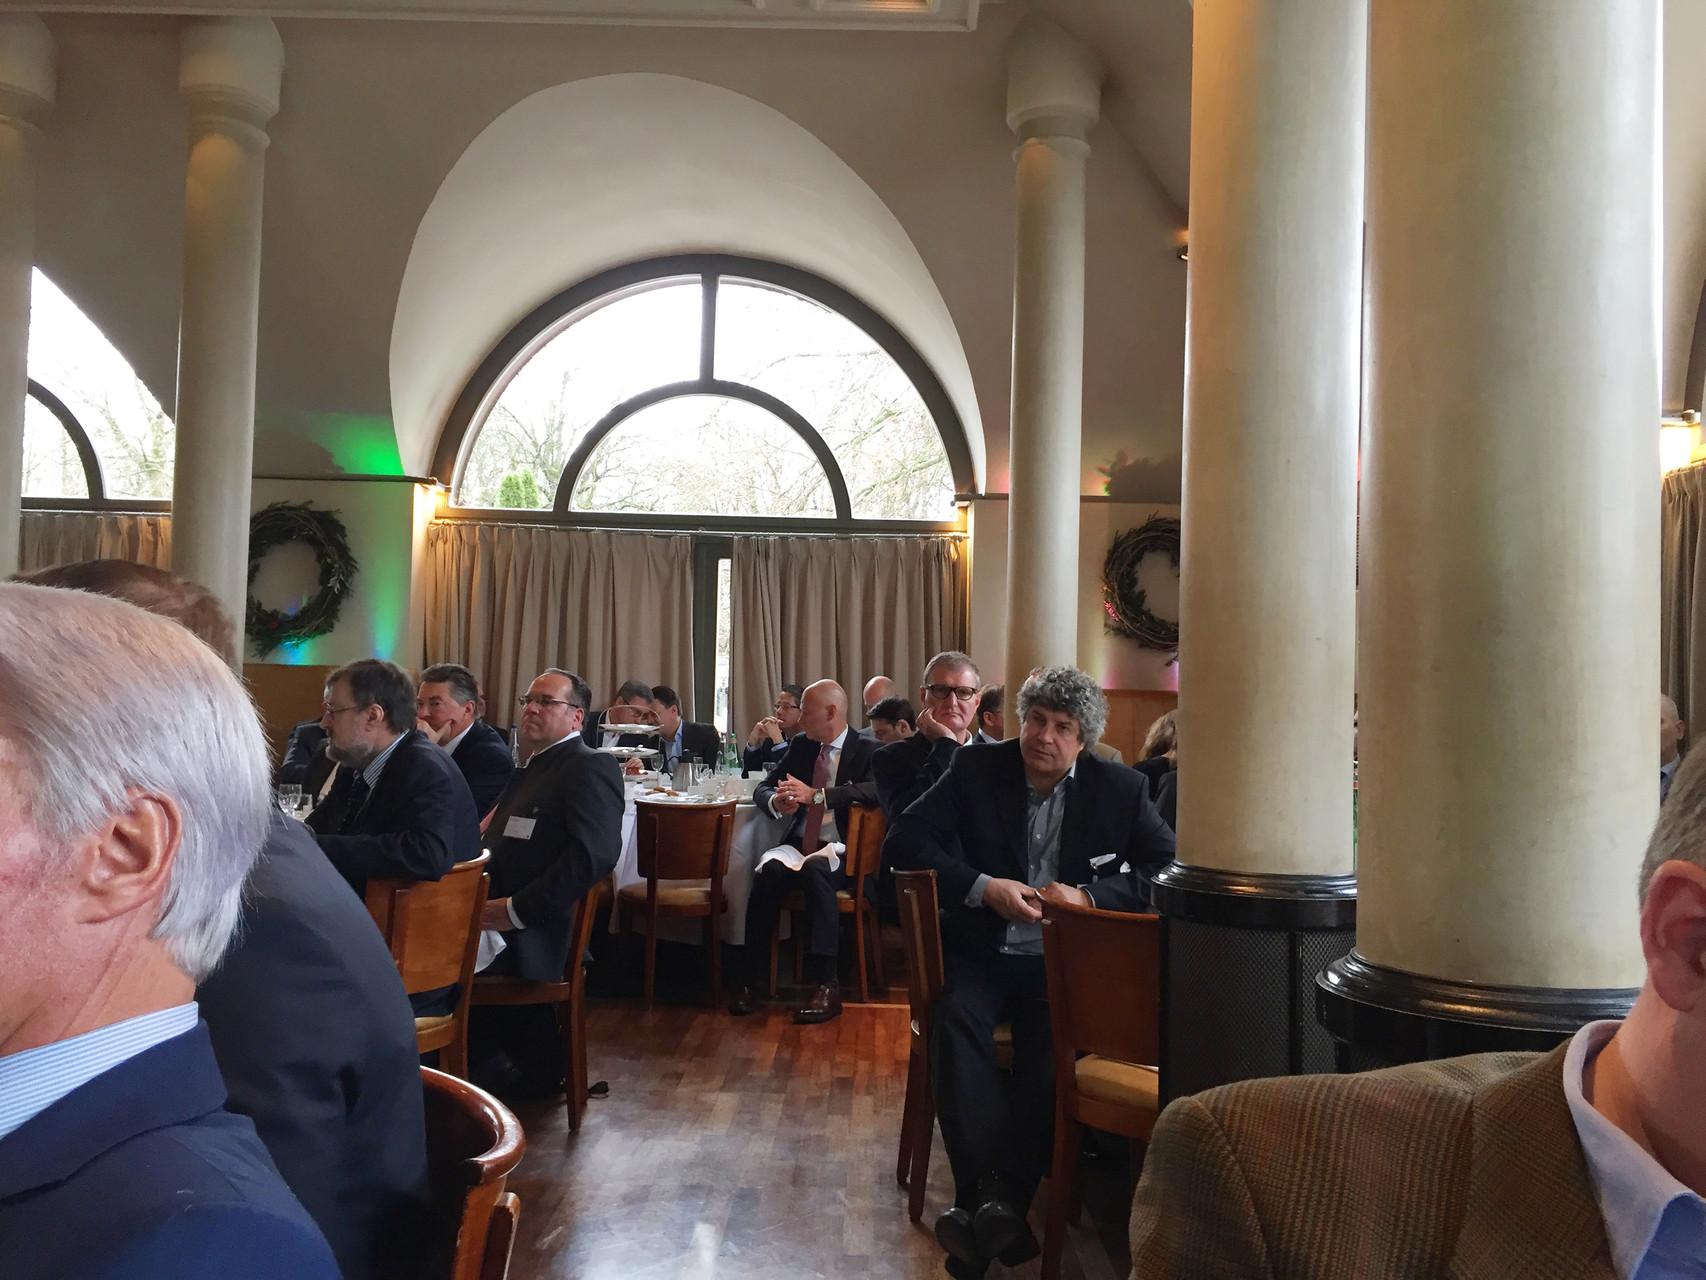 Die Gäste beim BRSI Turnaround Breakfast ...  namhafte Unternehmensberater, Interim Manager, Rechtsanwälte, Wirtschaftsprüfer, Finanzdienstleister und Investoren.